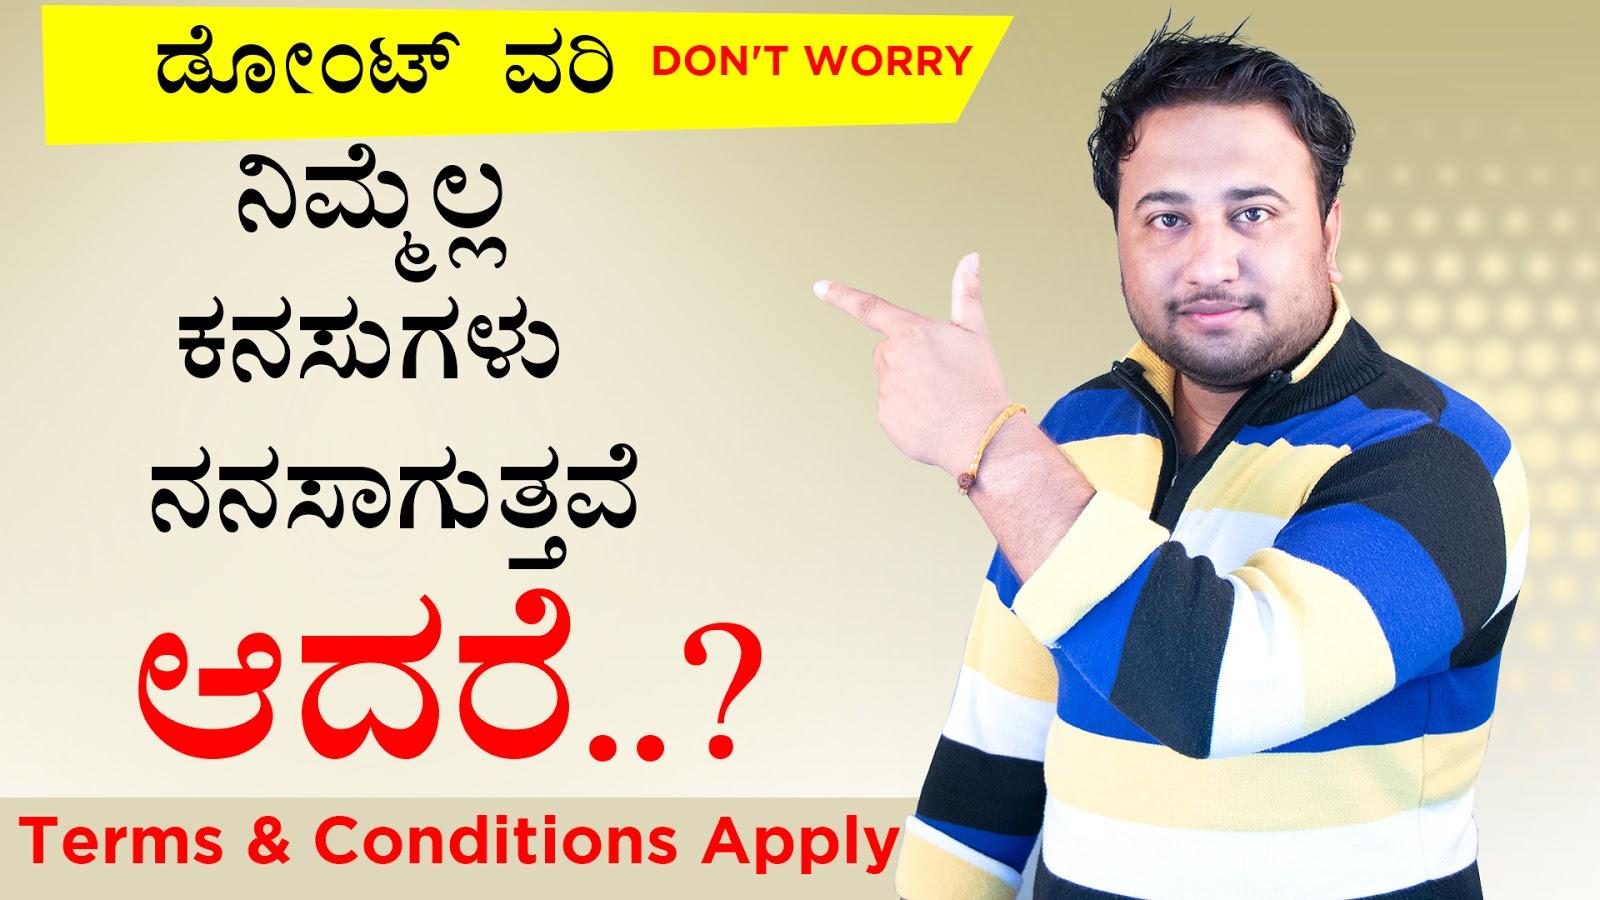 ಡೋಂಟ್ ವರಿ - Don't Worry - Kannada Motivational Article